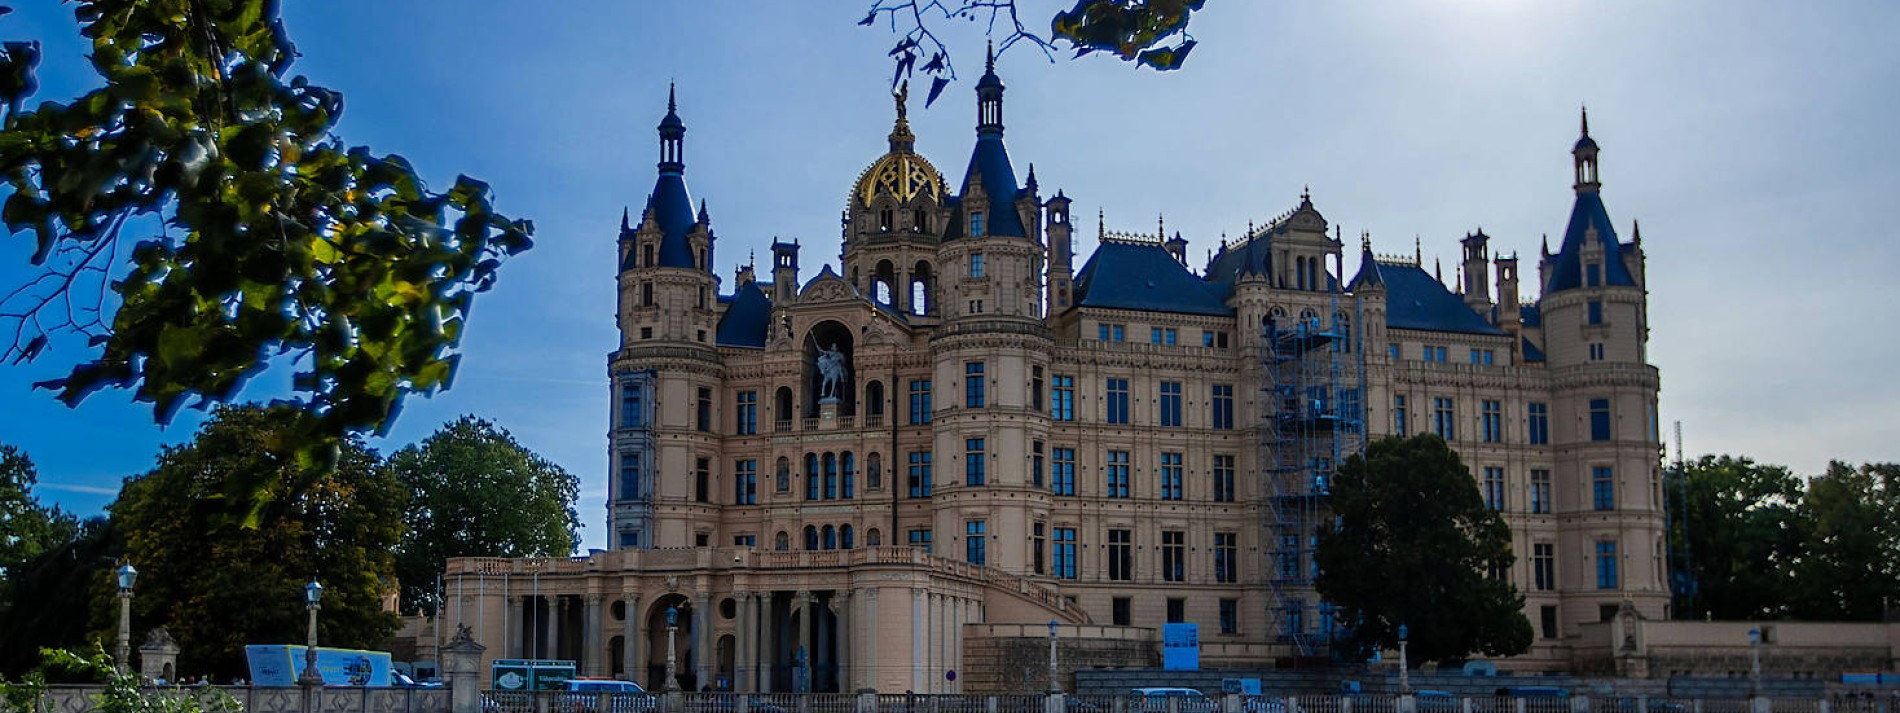 Landtag prüft Vorwürfe zu Sex-Partys im Gebäude